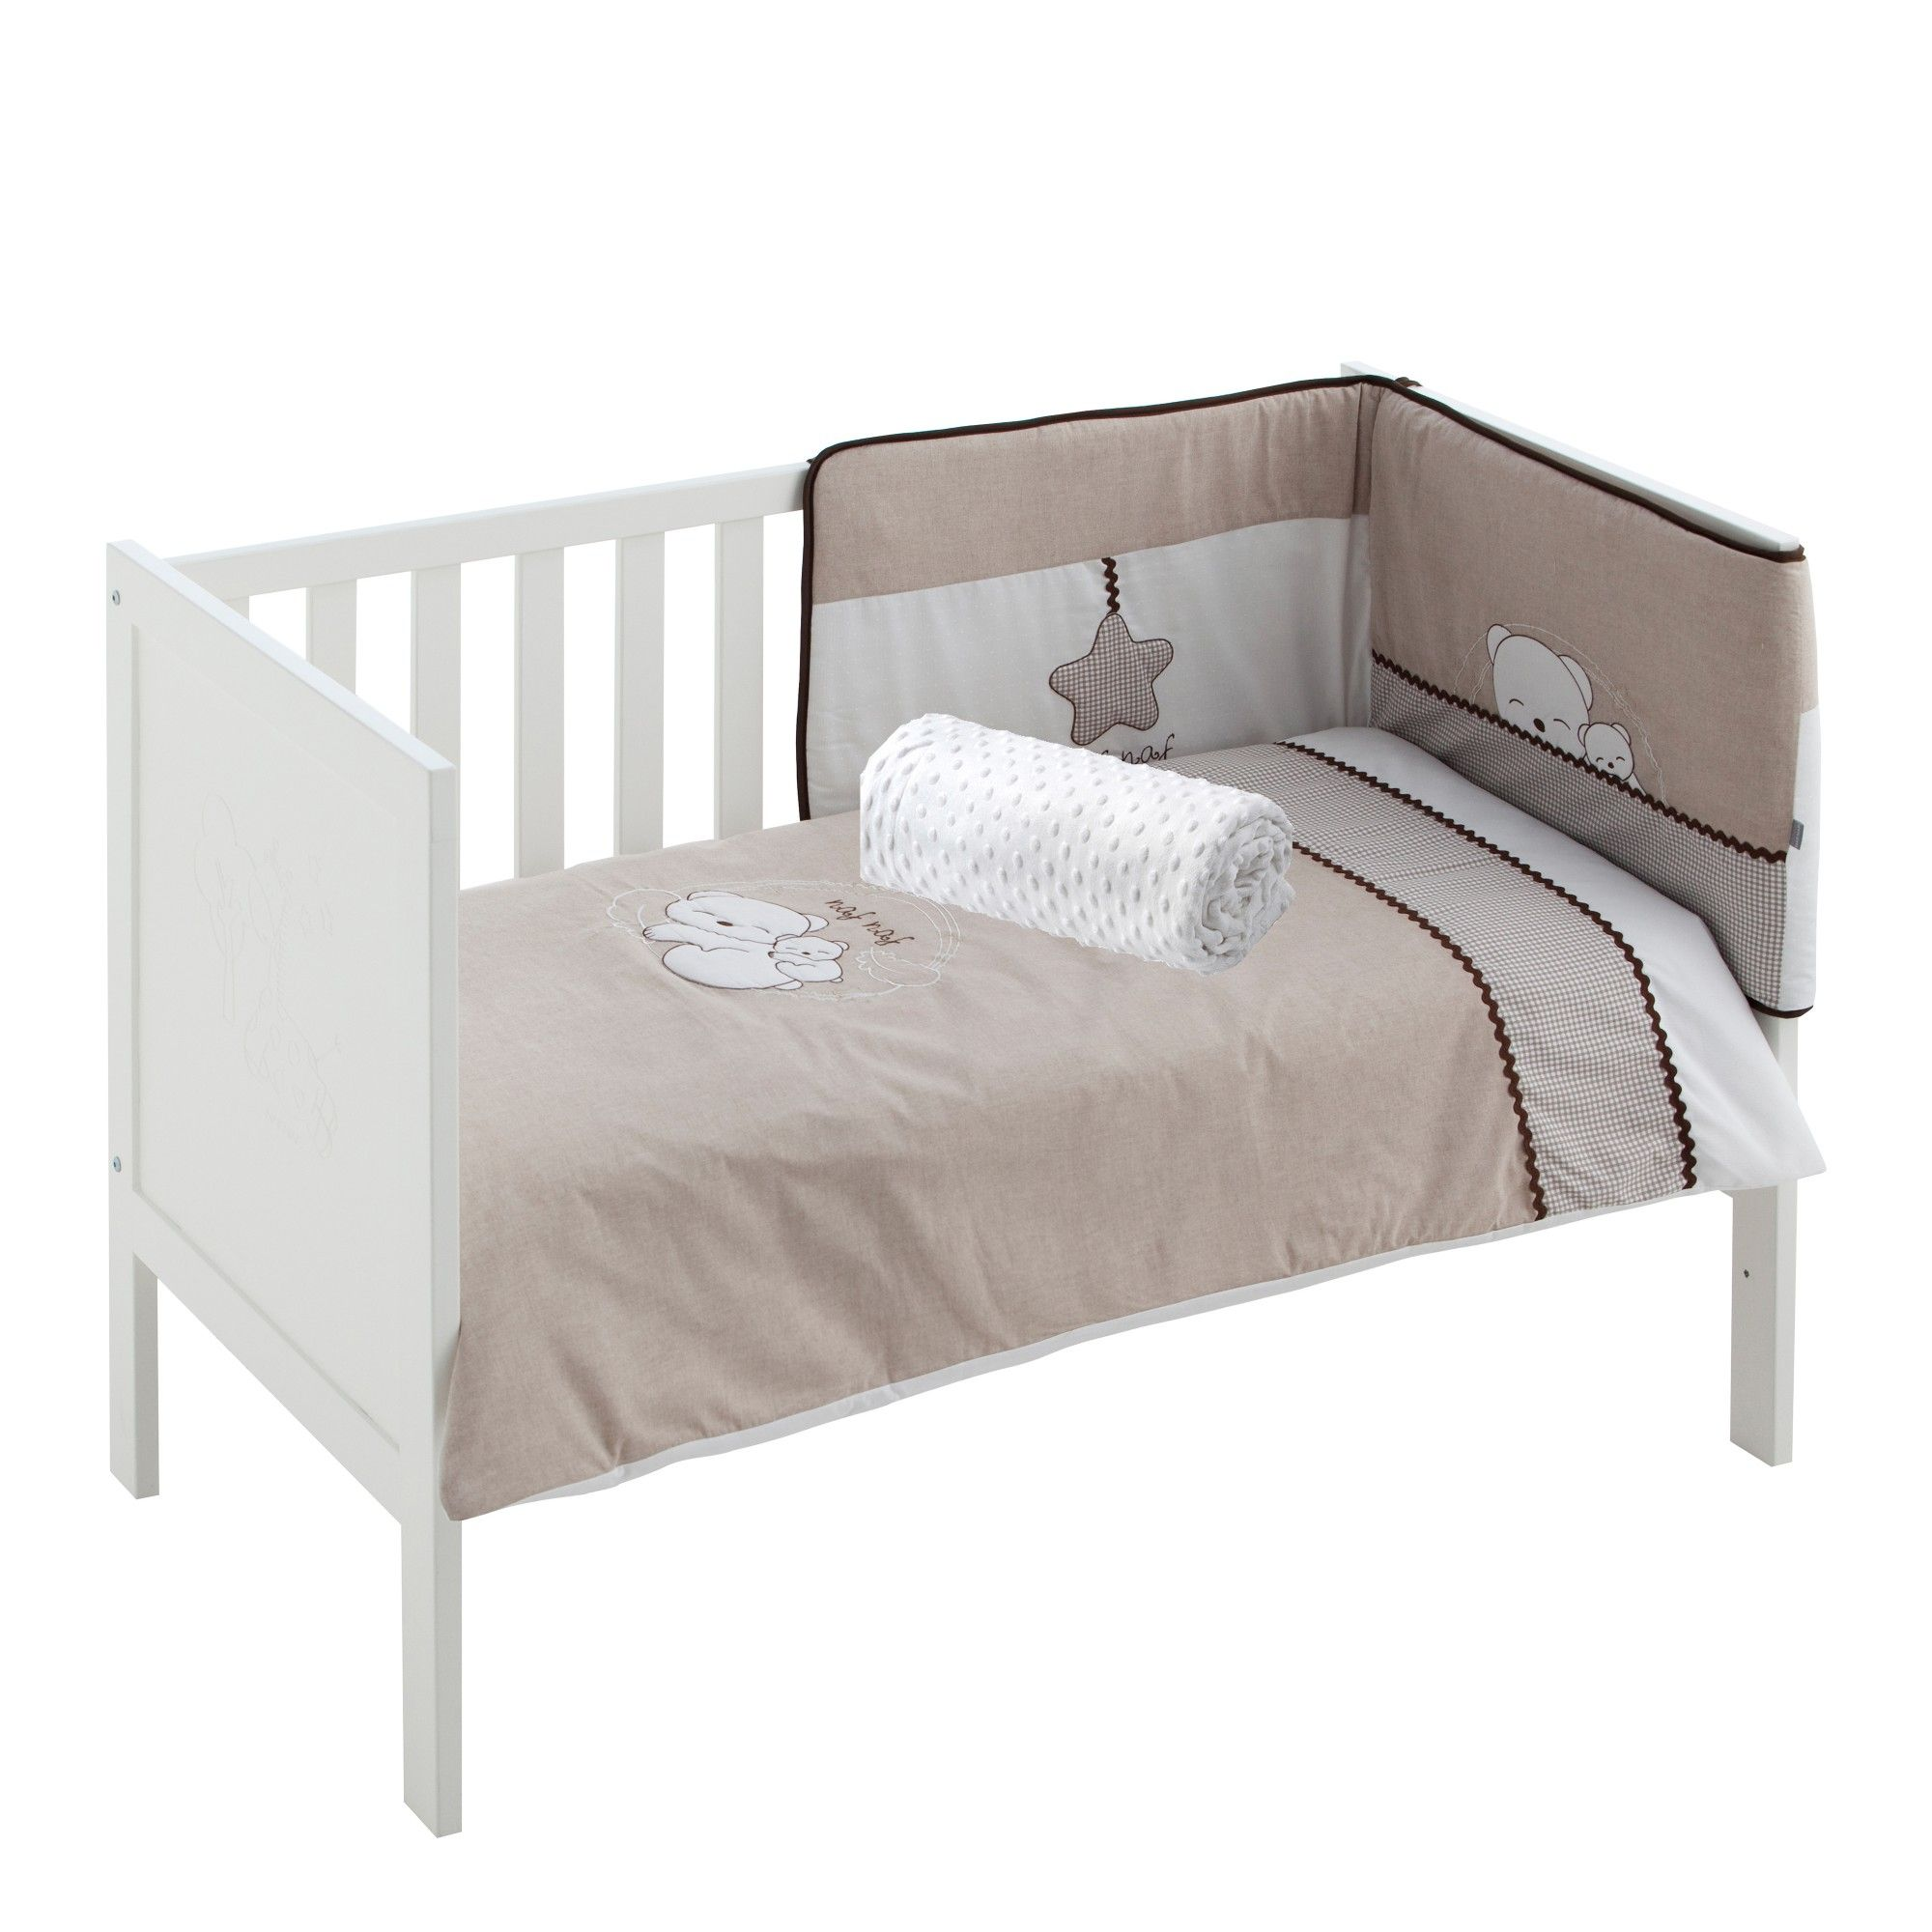 Naf Naf Bettgarnitur Dreams 4 Teilig Kuschelige Bettwäsche Bed